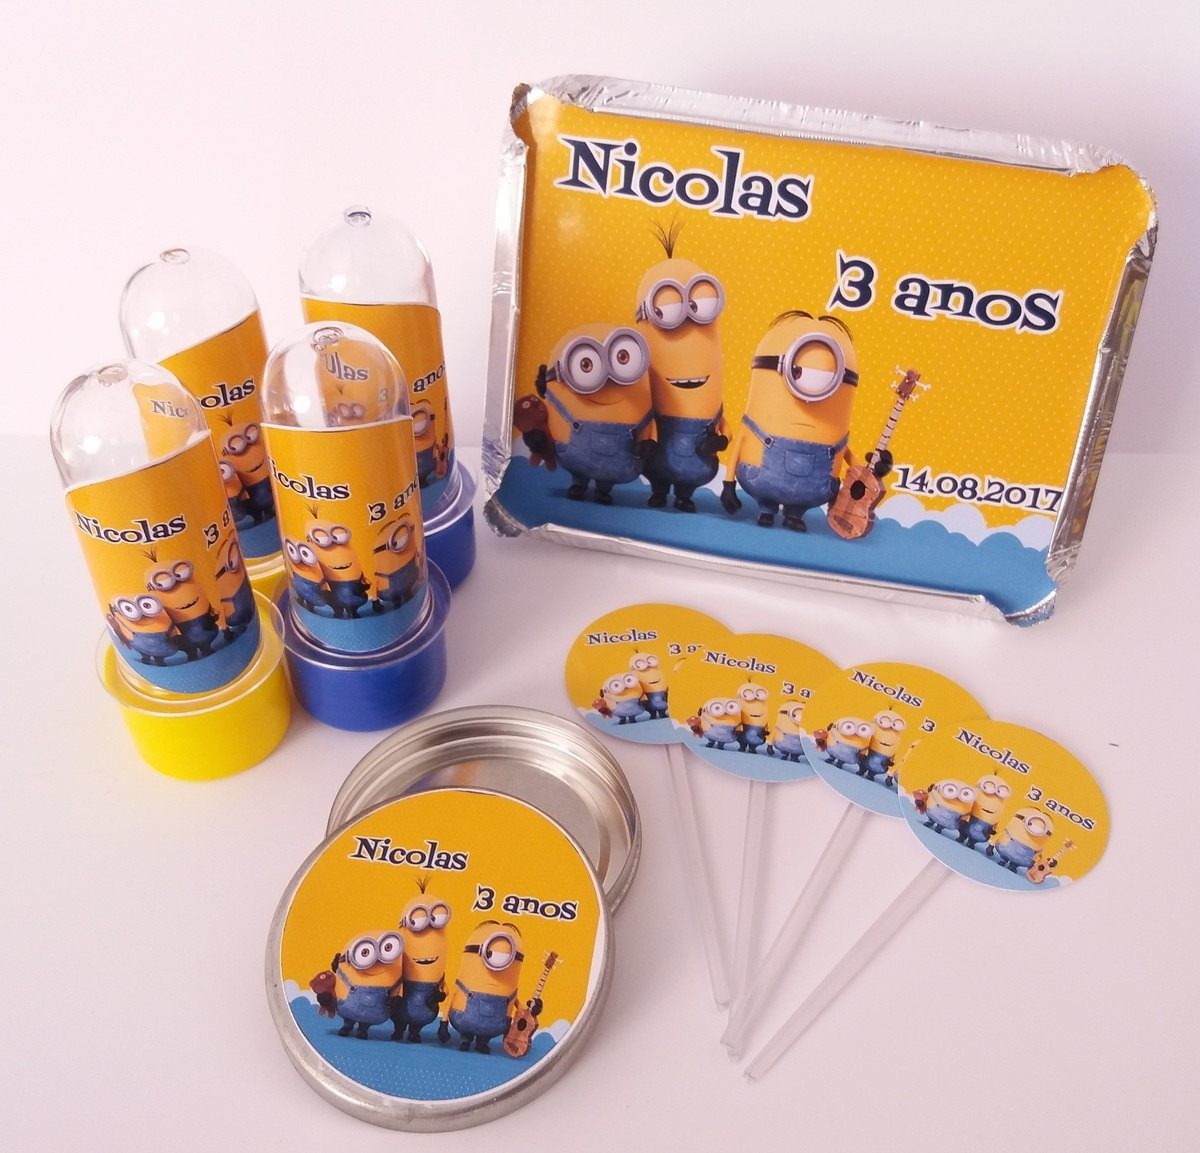 70 Itens Lembrancinhas De Aniversário Do Minions - R$ 99,90 em Mercado Livre